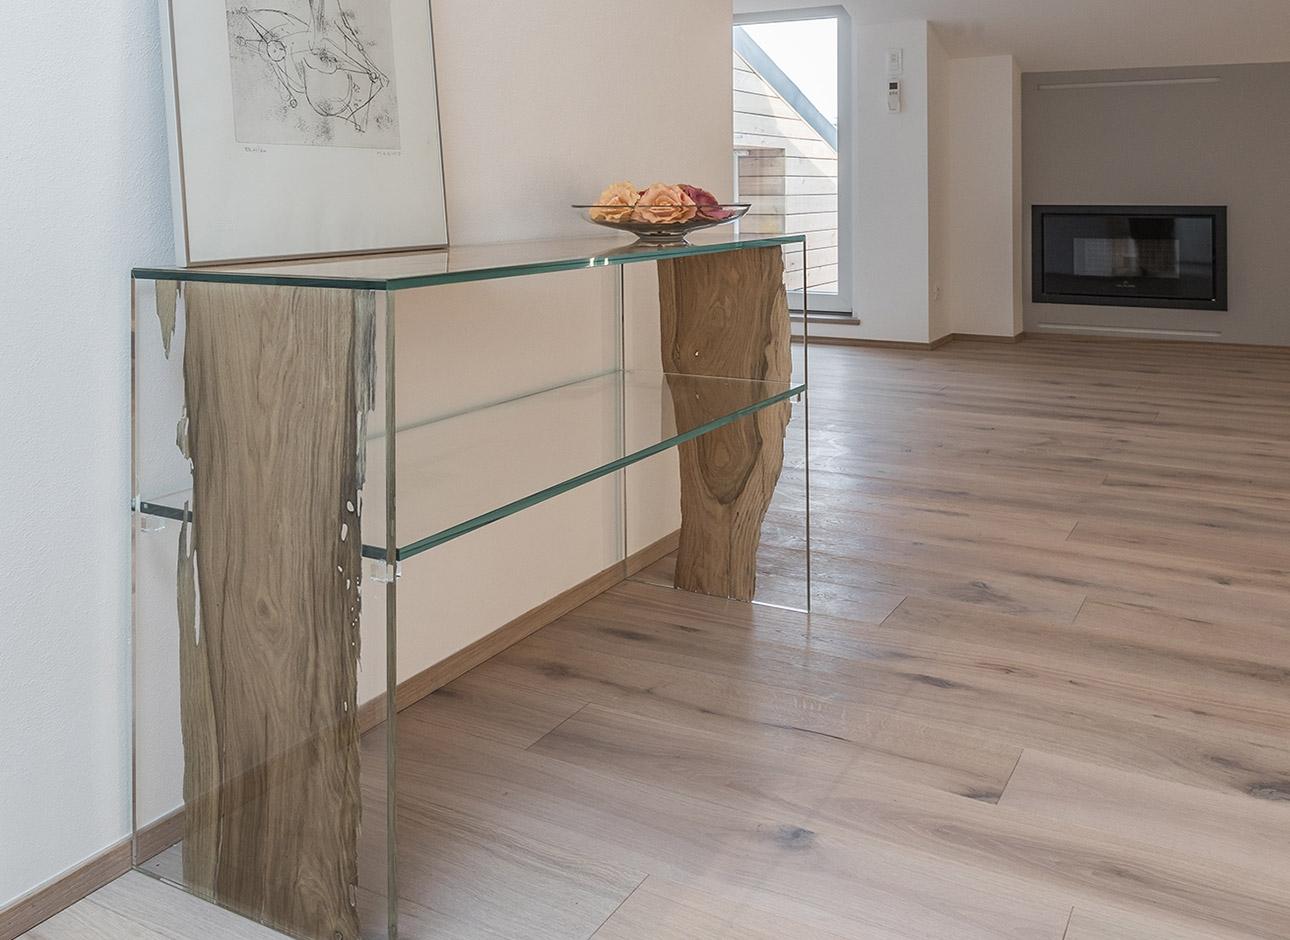 Consolle CONTINUO by BRICALE™ - Vetro e legno di briccola veneziana